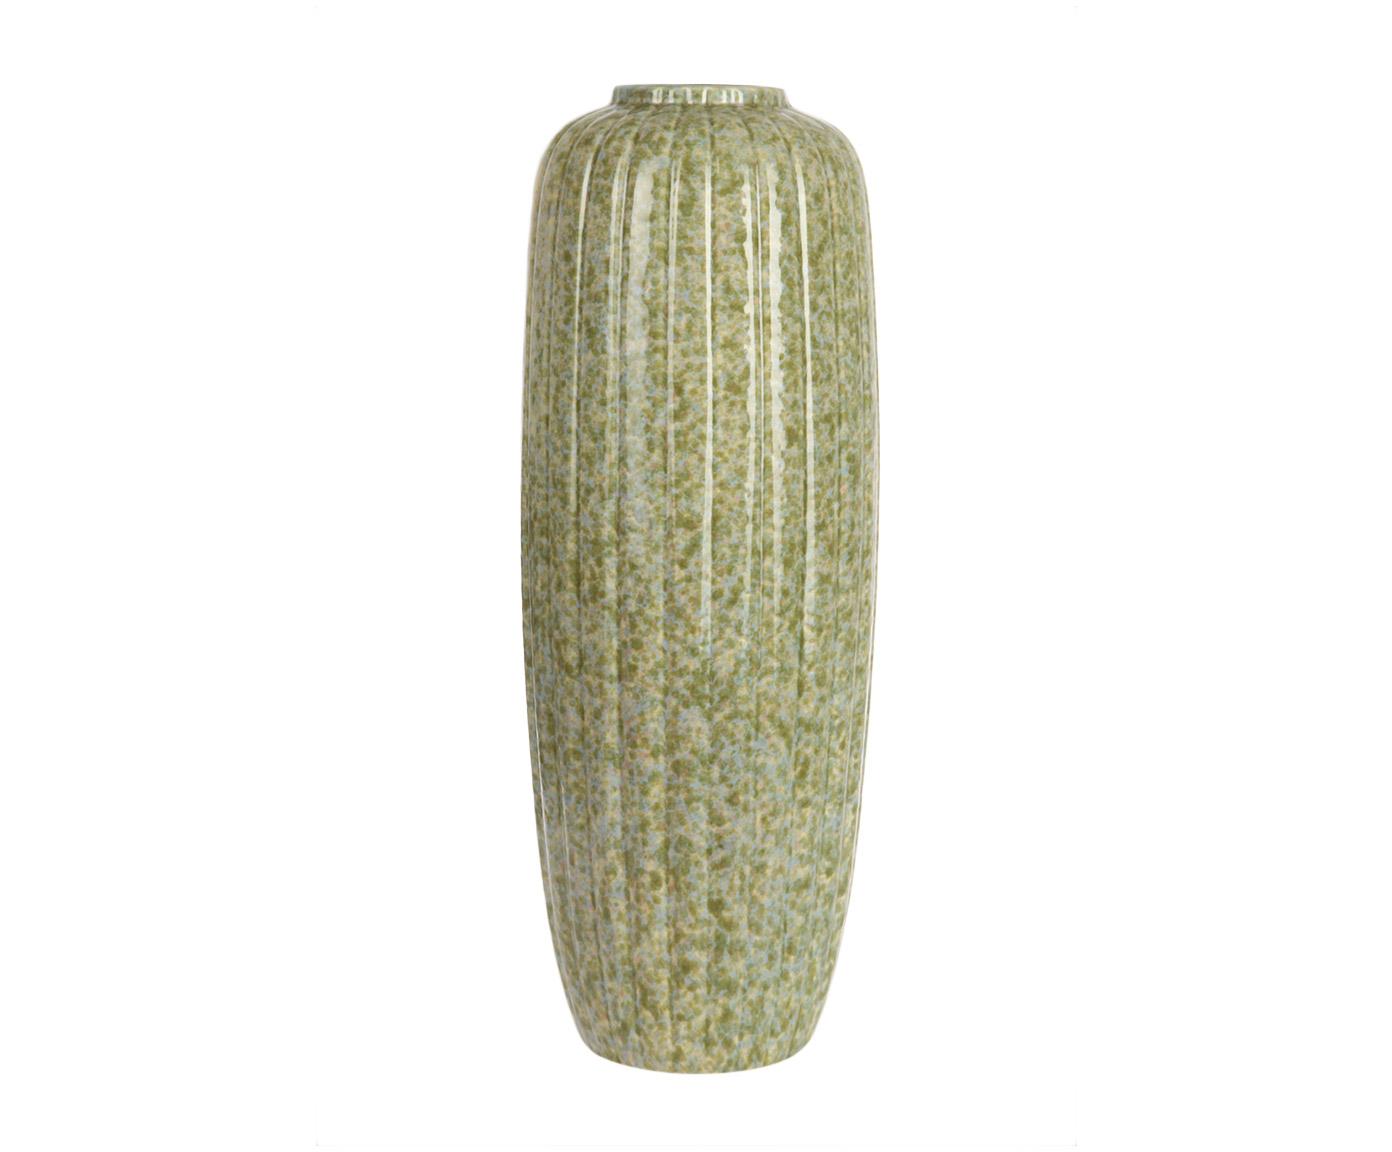 Ваза декоративнаяВазы<br>Керамическая декоративная ваза от португальского бренда Farol близка к этническому стилю. Сочетание абстрактных голубых, зеленых и песочно-желтых пятен создает впечатление неоднородной мраморной поверхности, как у древней античной вазы, поднятой со дна океана, позеленевшей от времени и водорослей.<br><br>Material: Керамика<br>Высота см: 50